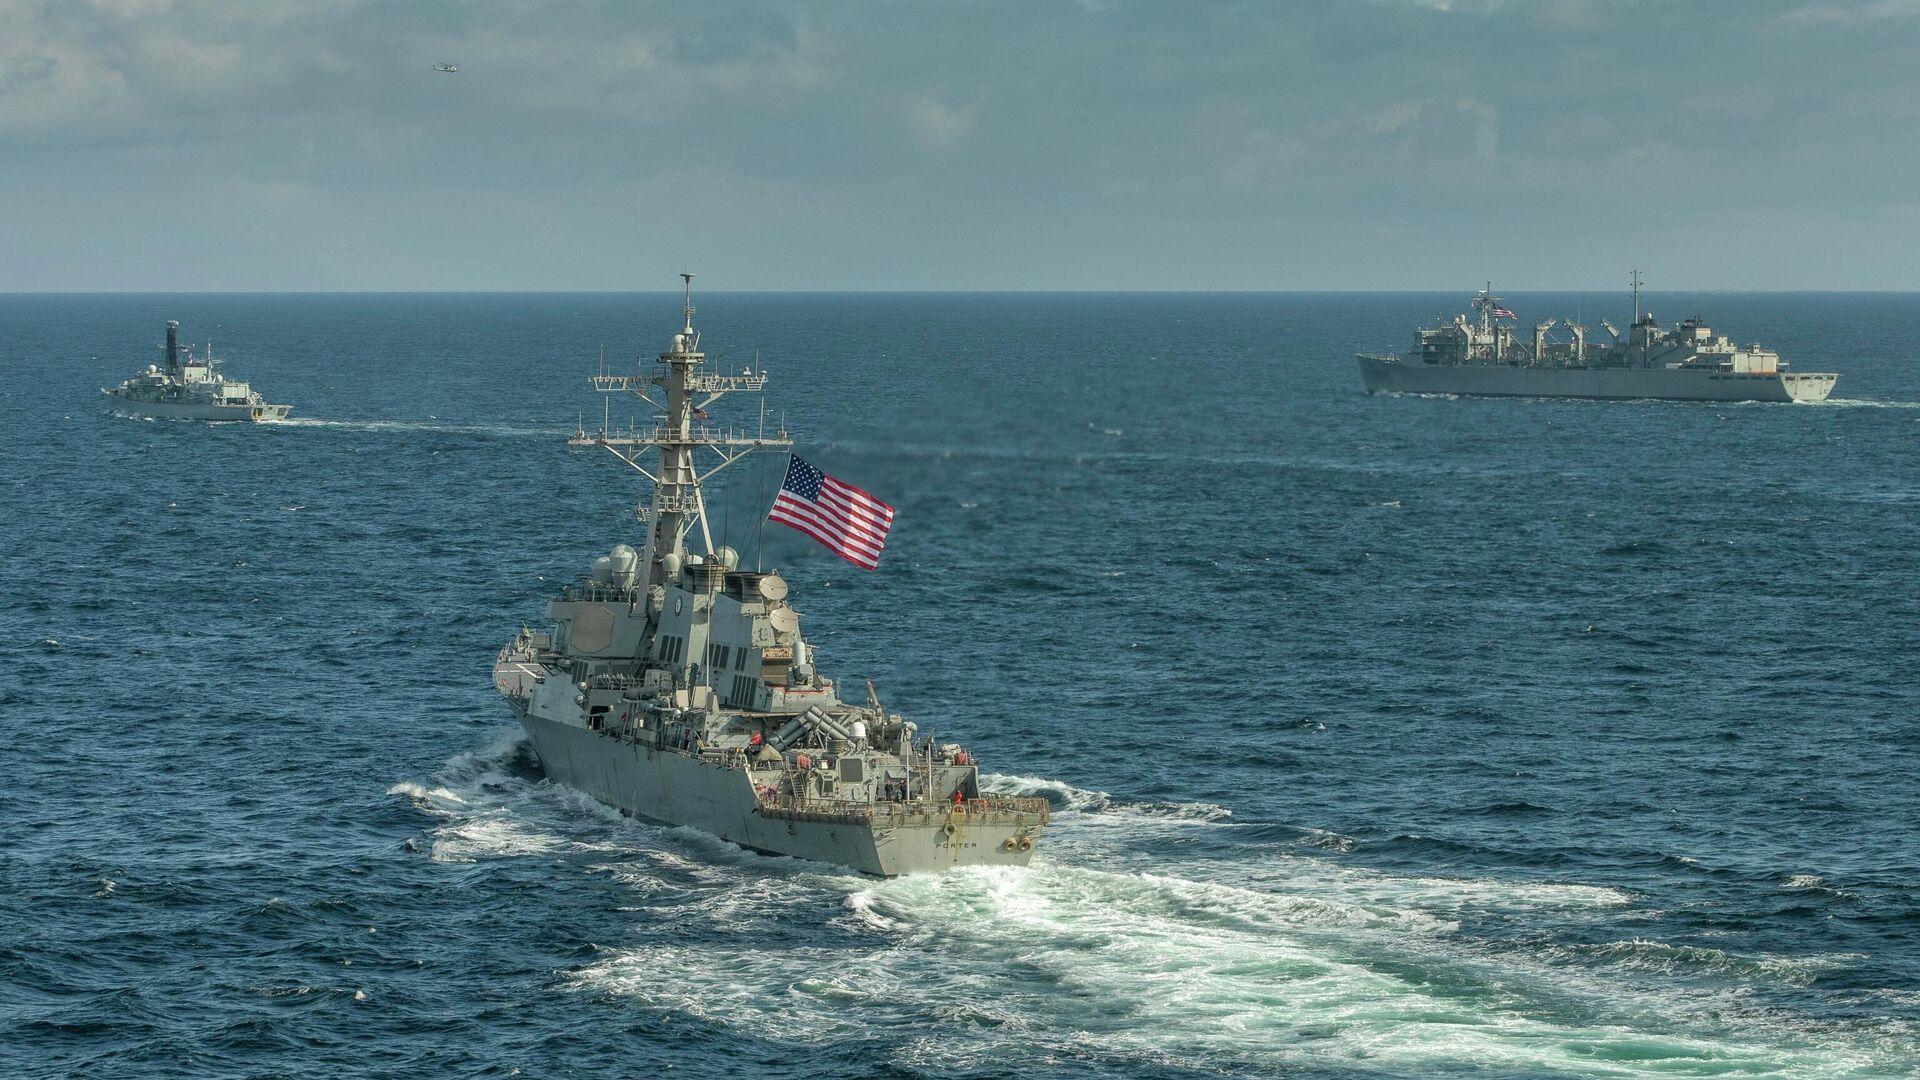 Эсминец ВМС США Портер, корабль поддержки USNS Supply и британский фрегат Кент во время учений в Баренцевом море. 5 мая 2020  - РИА Новости, 1920, 07.12.2020